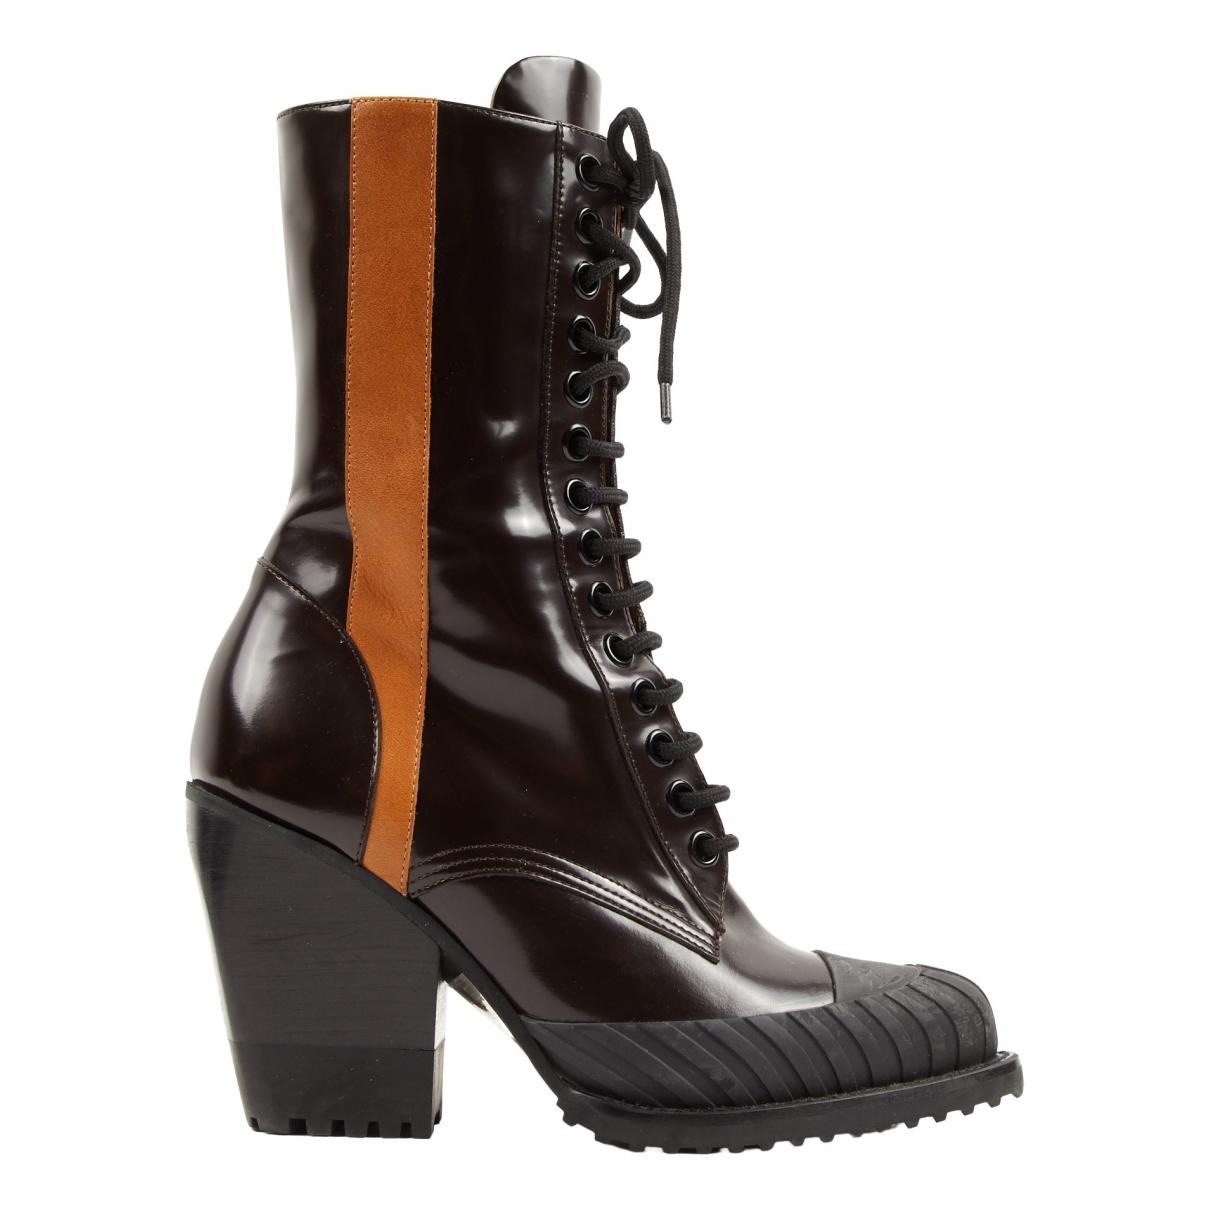 Chloe - Boots   pour femme en cuir verni - marron